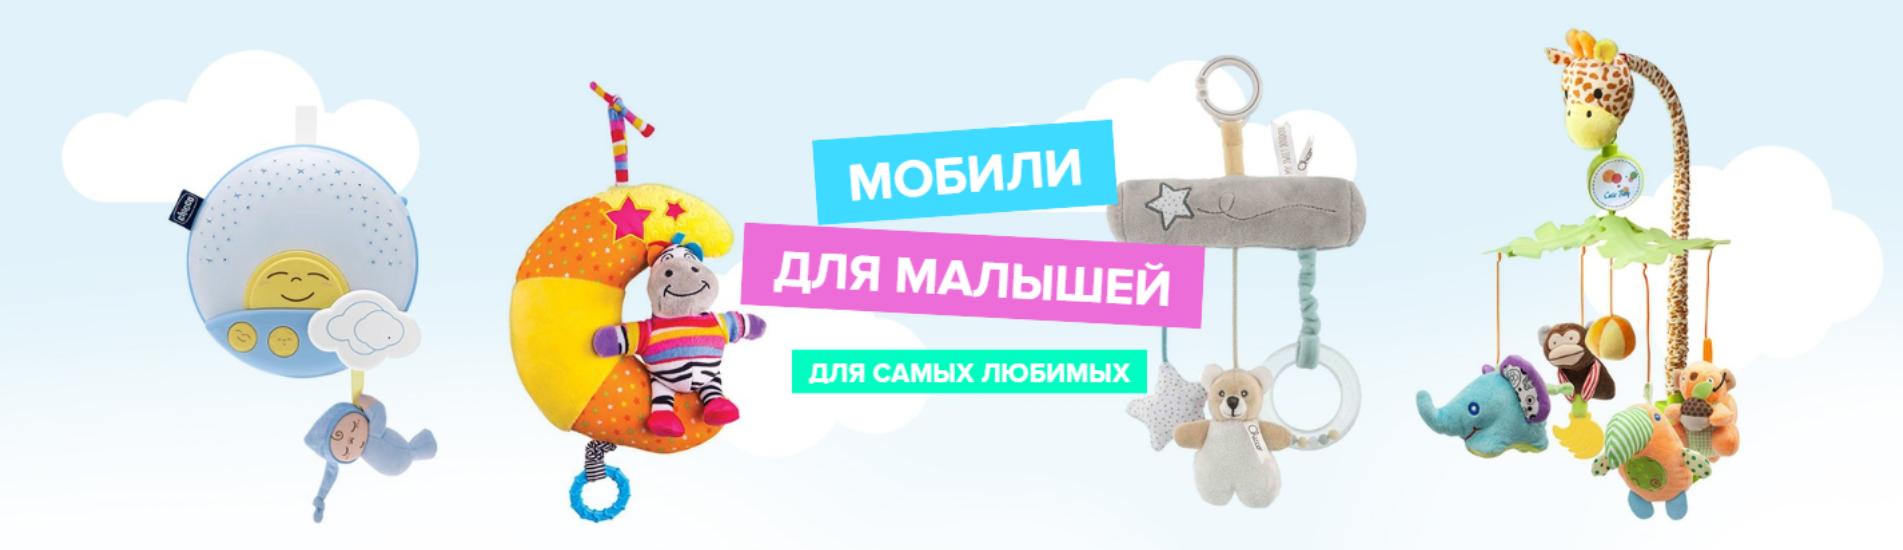 Мобили для малышей